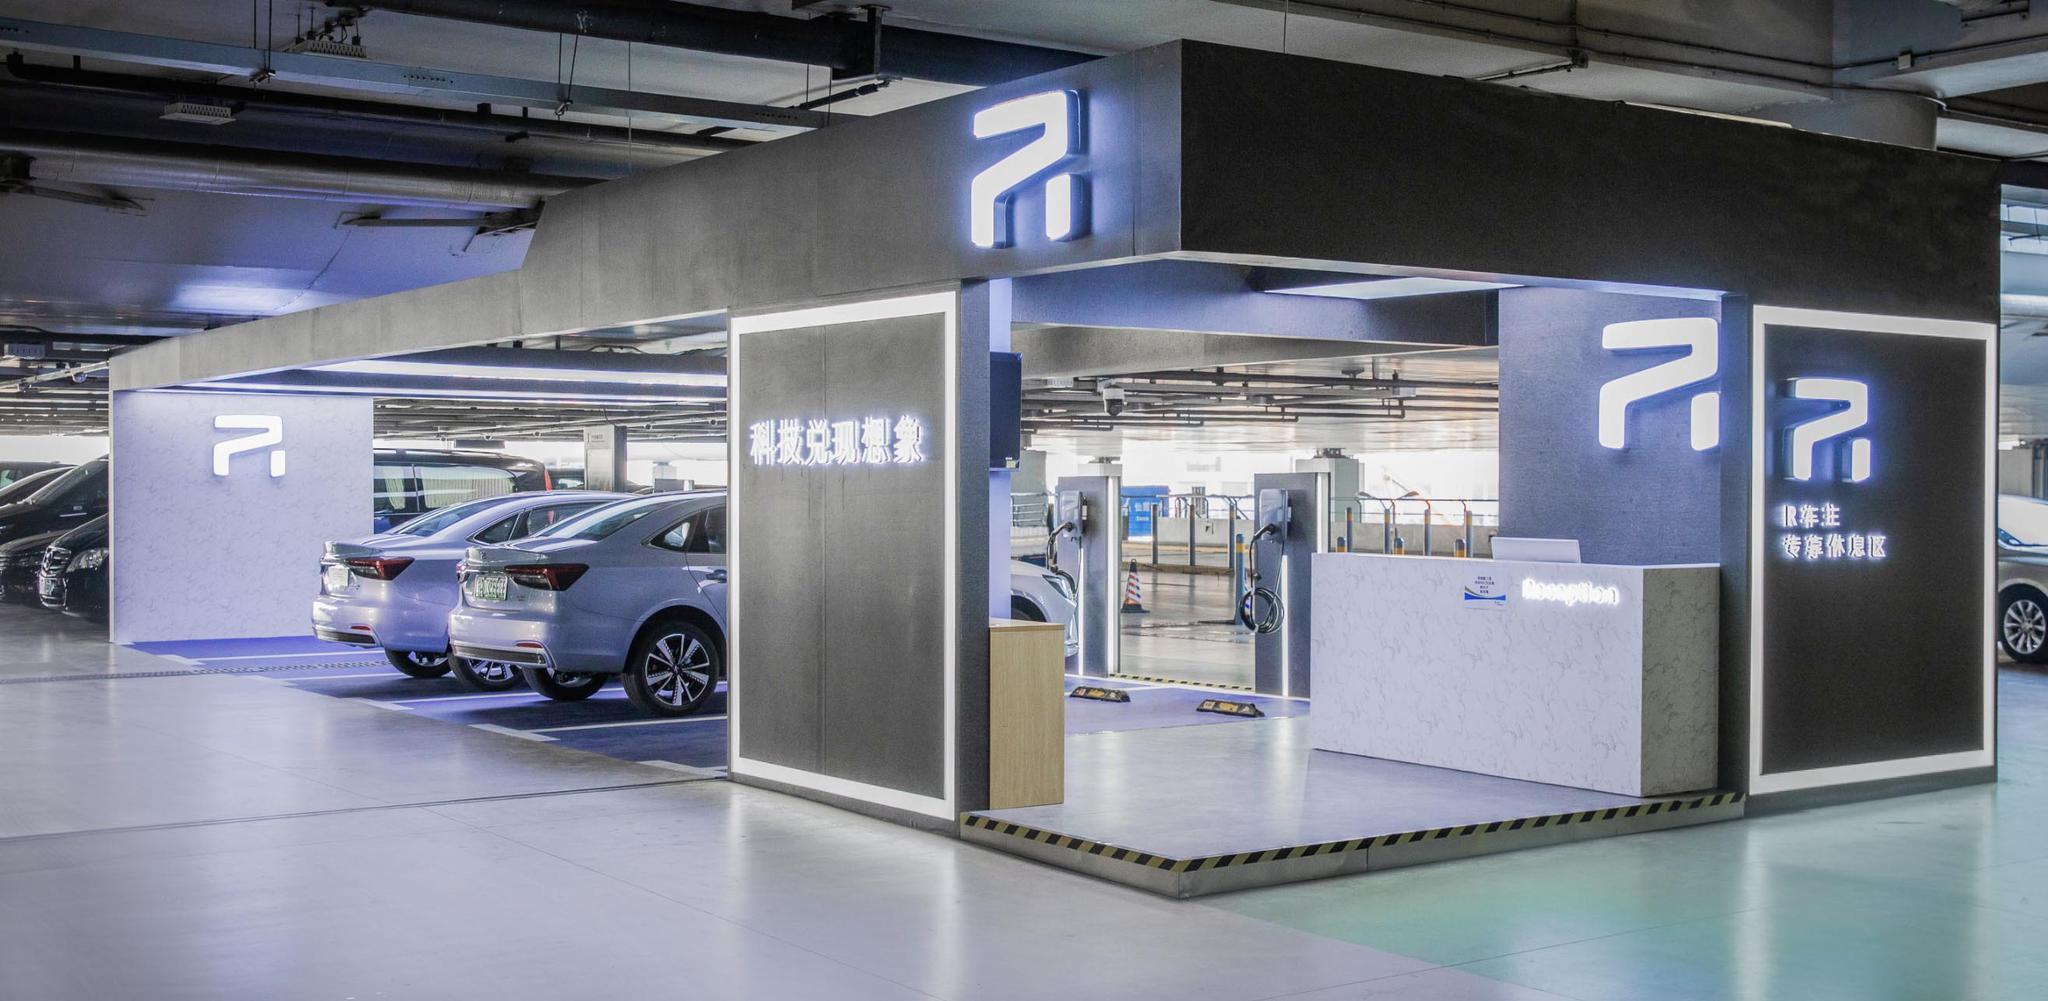 上海虹桥国际机场迎来新品牌 R汽车虹桥枢纽专属服务区正式开放